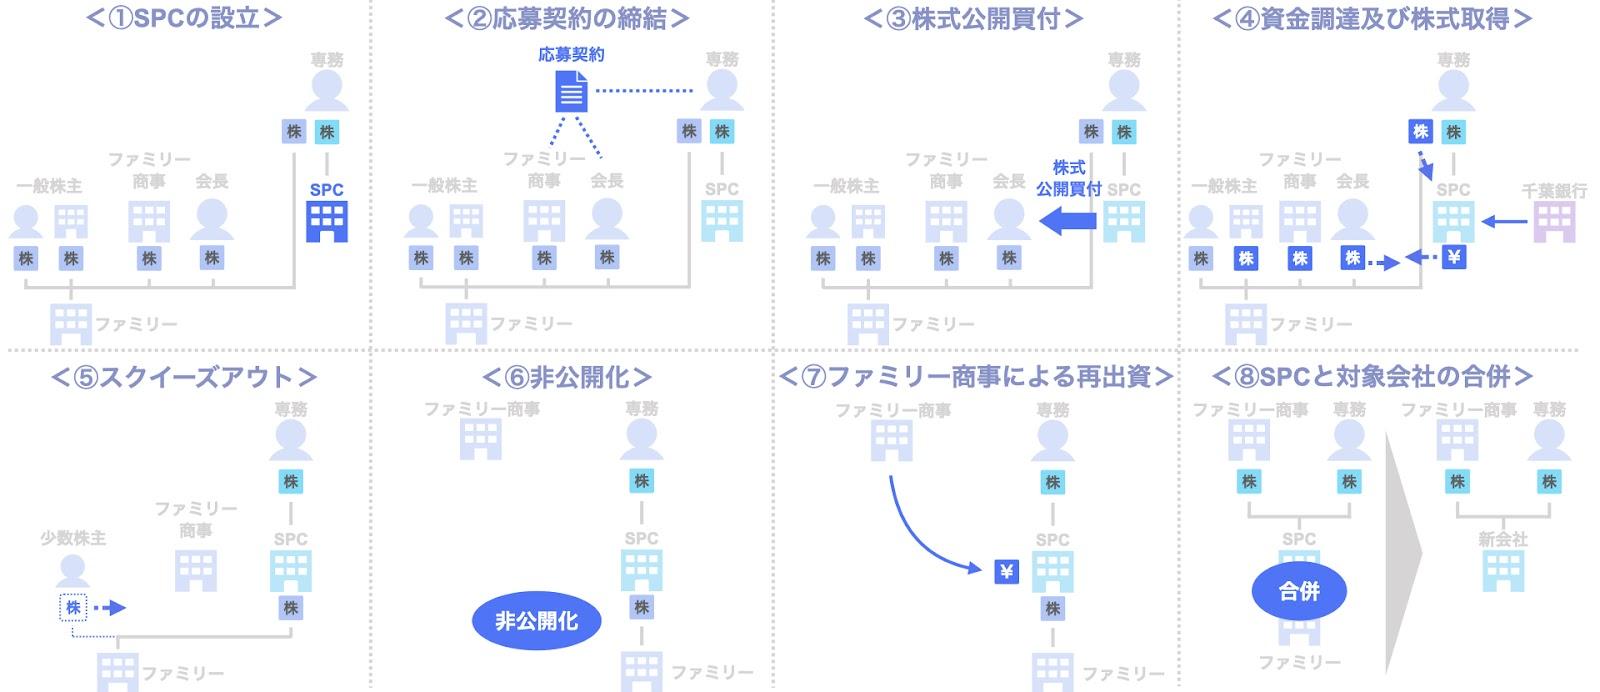 ファミリーのデットMBOによる非公開化のスキーム